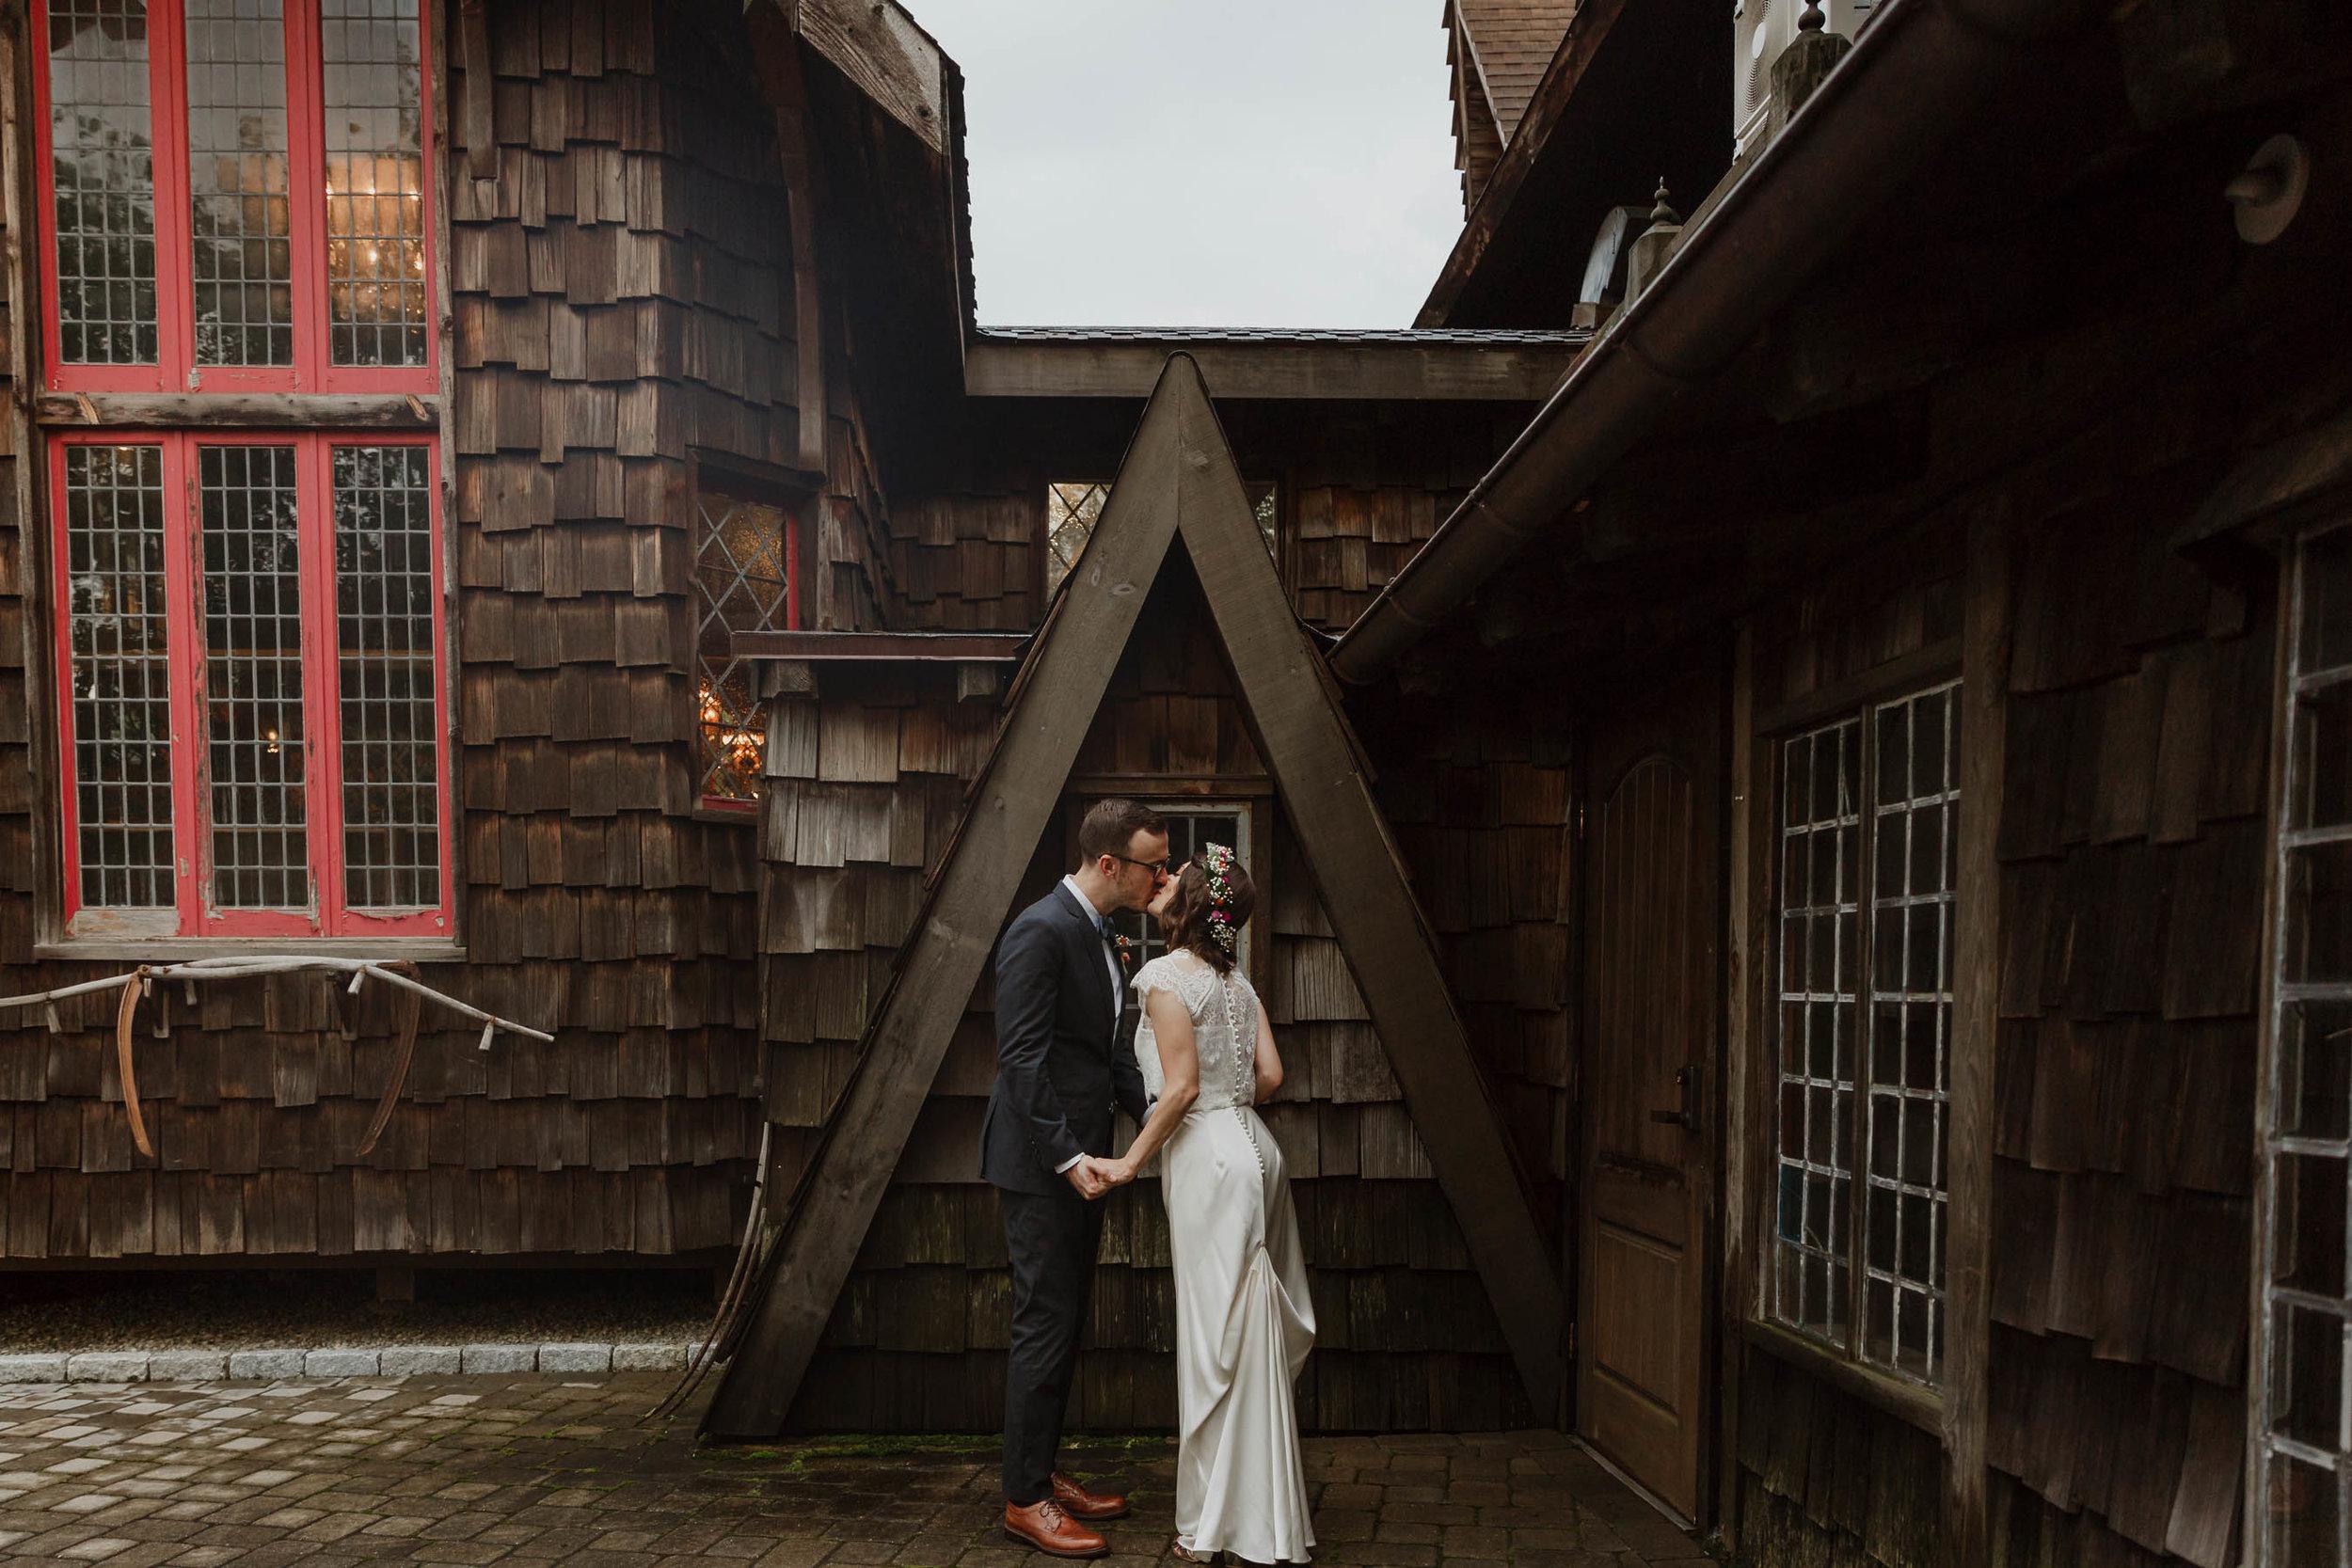 gothic-castle-wedding-elizabeth-tsung-photo-38.jpg